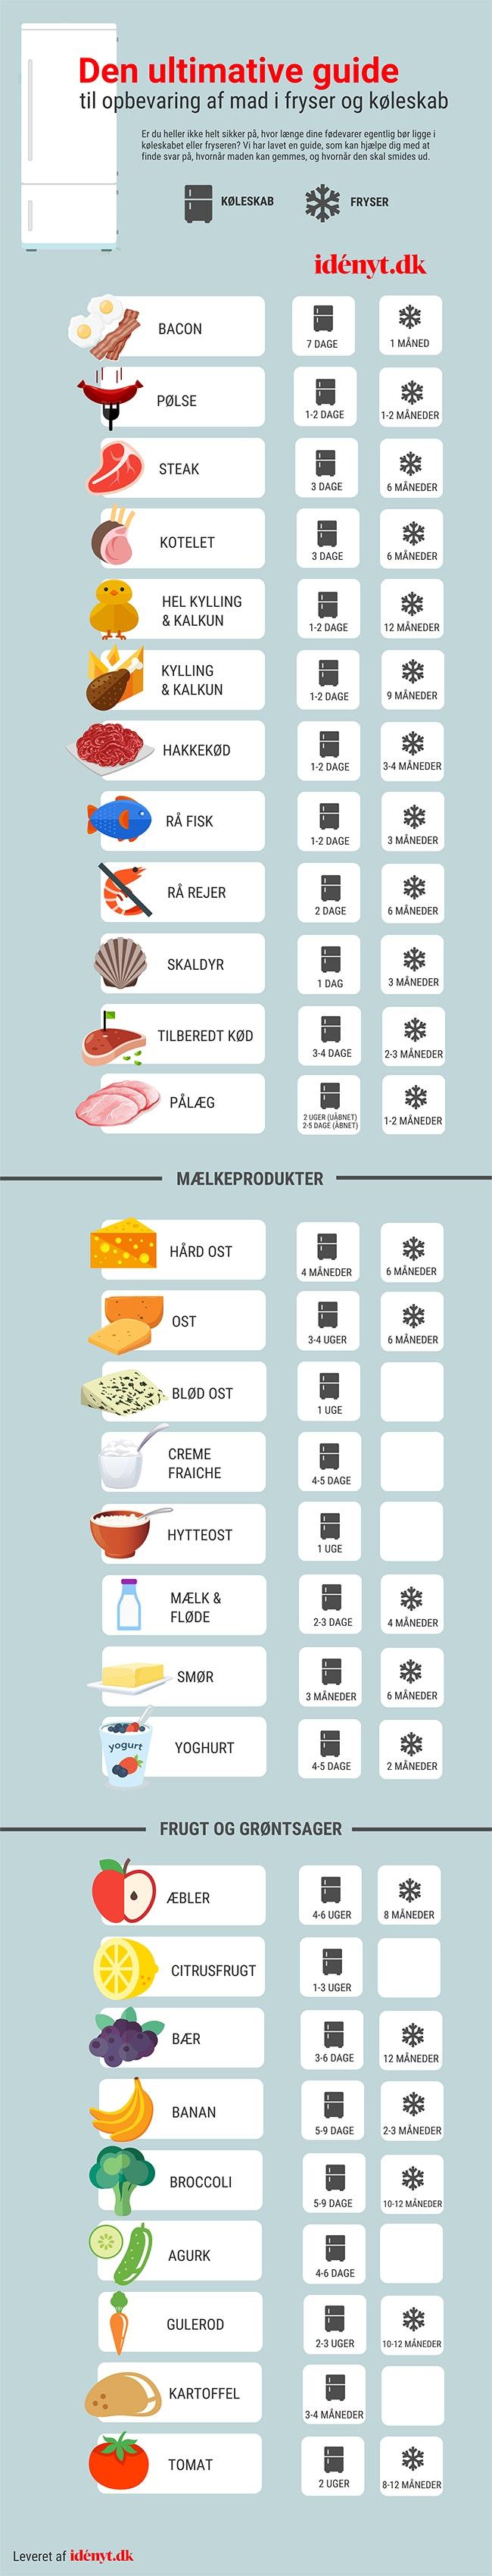 Så længe kan dine madvarer holde sig i køleskabet